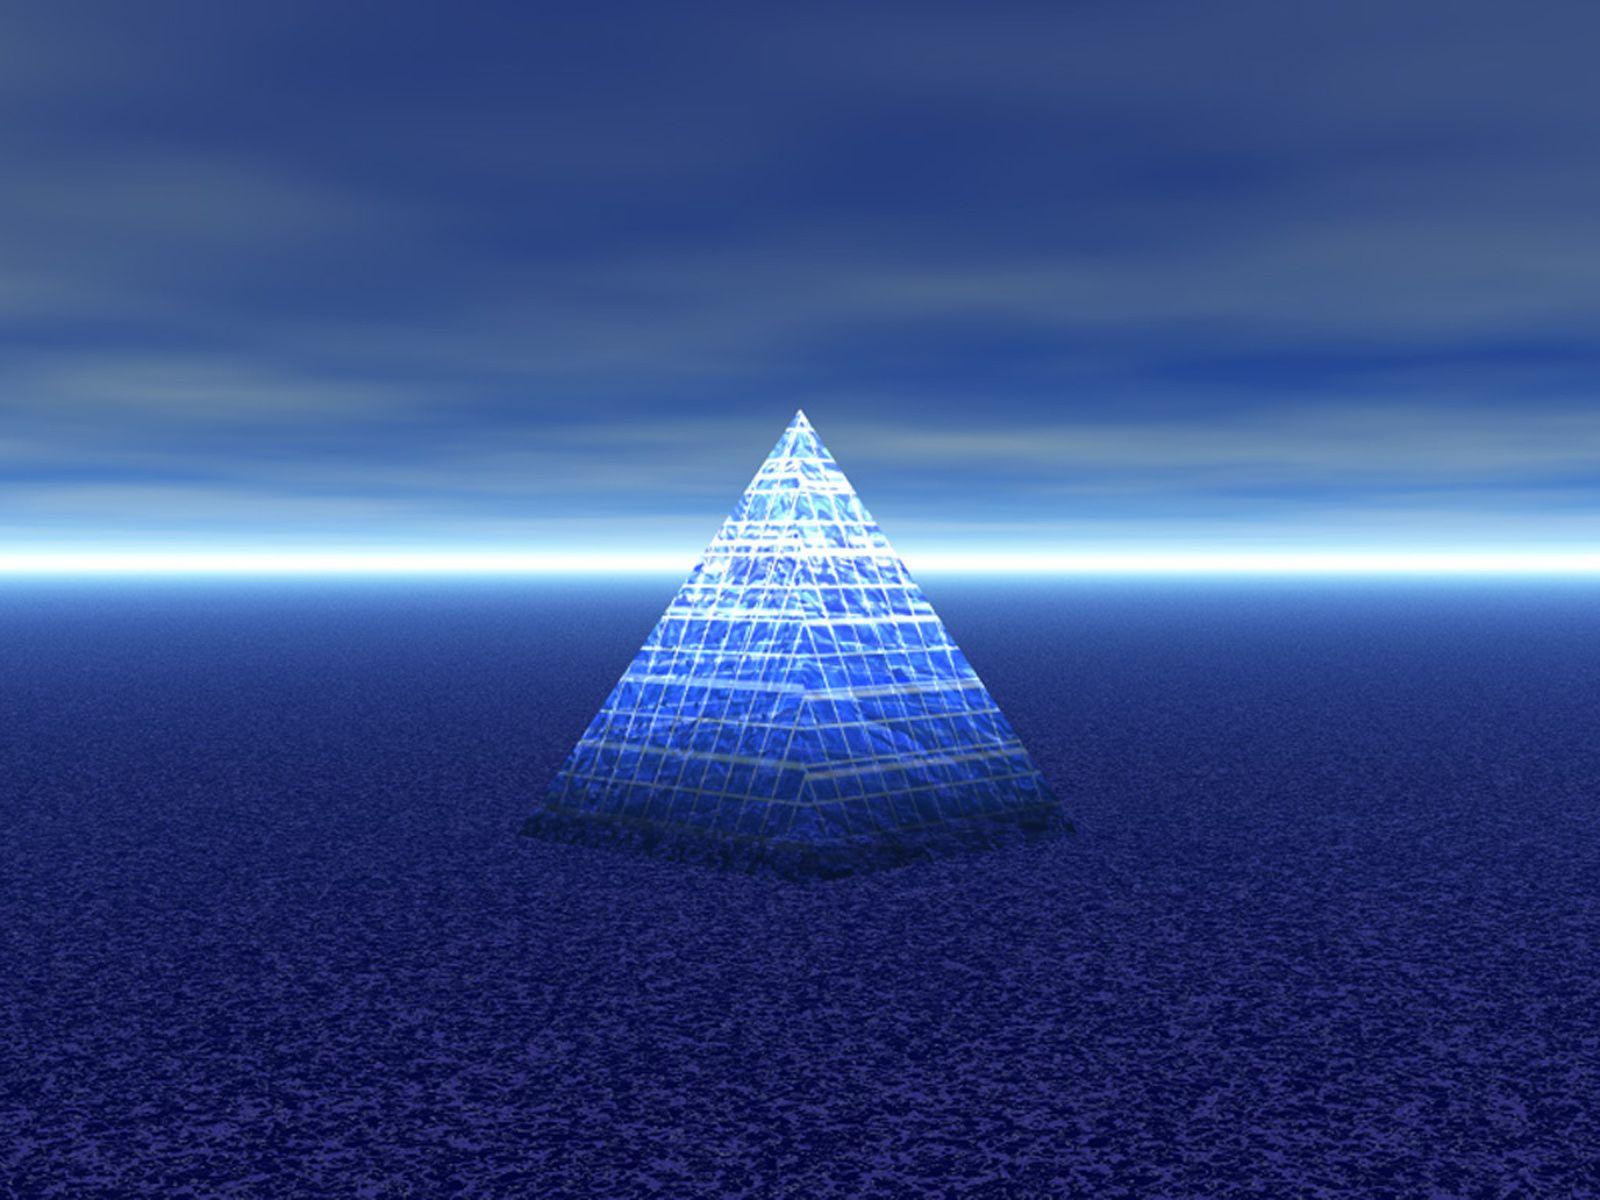 Imágenes De Pirámides Para Fondos De Pantalla O